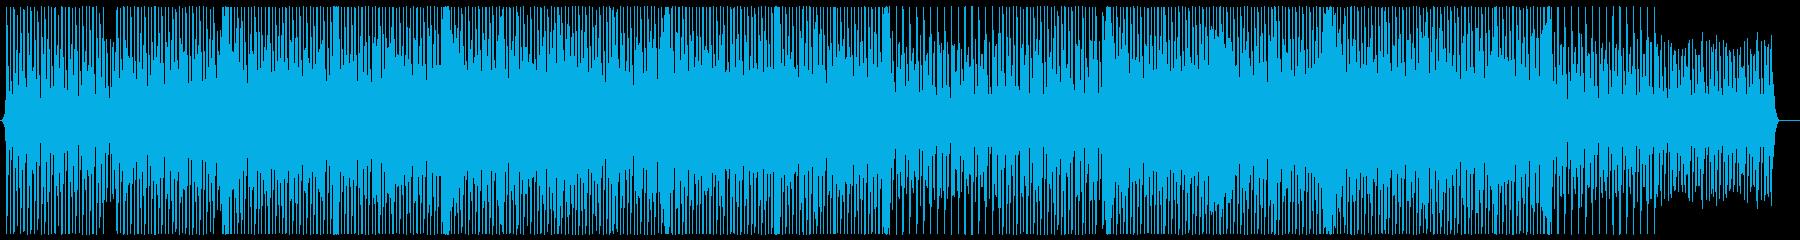 【メロ抜き】ほんわか口笛コンセプトムービの再生済みの波形